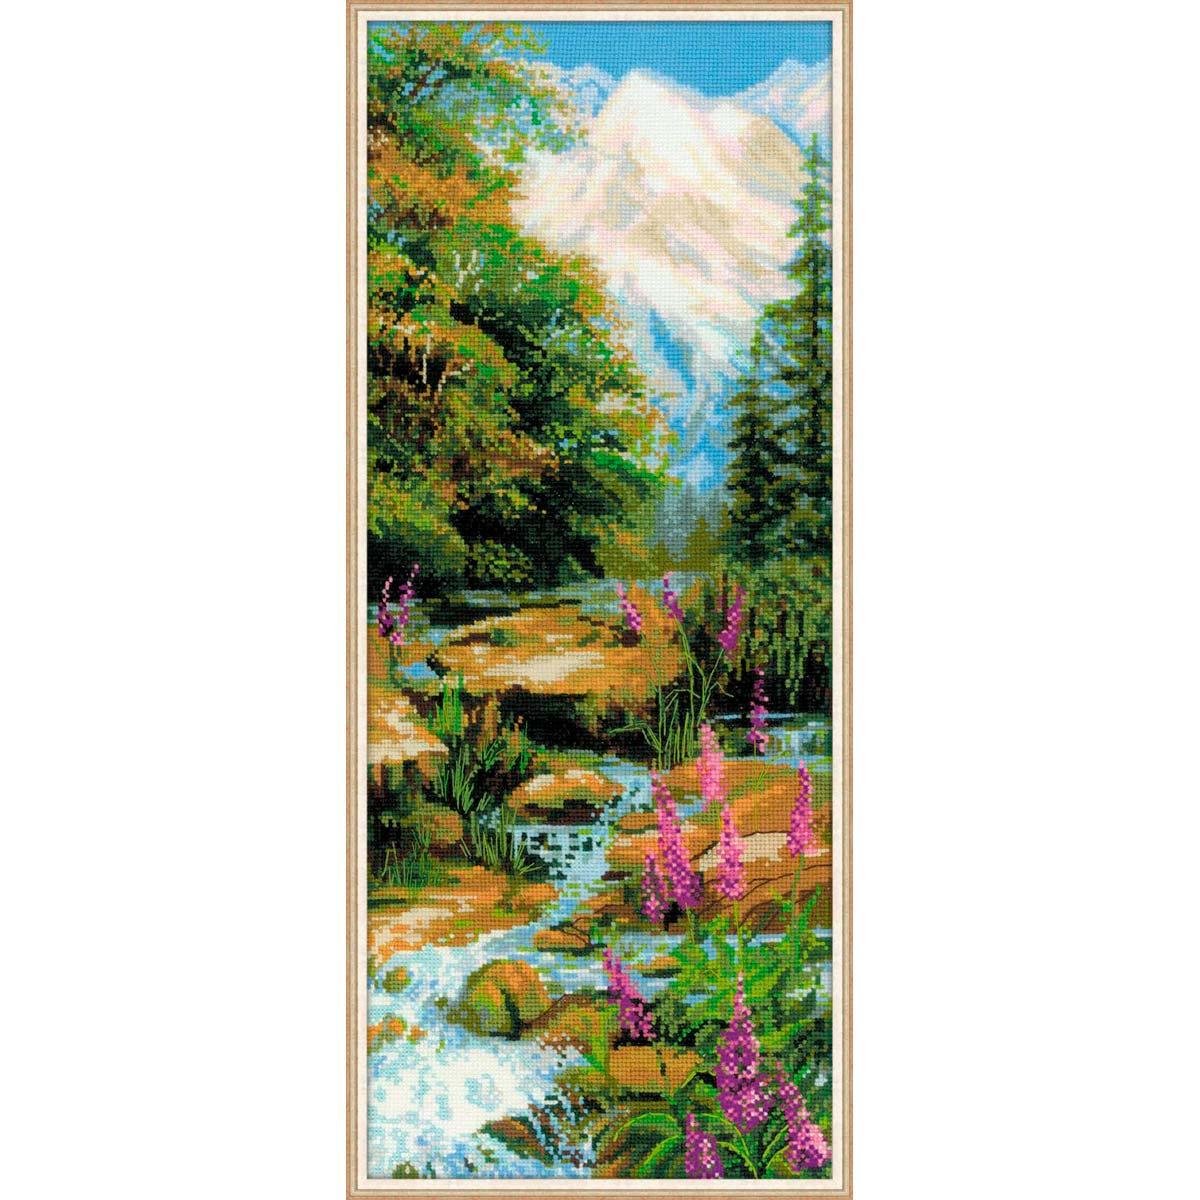 1487 Набор для вышивания Riolis 'Горный ручей', 20*50 см